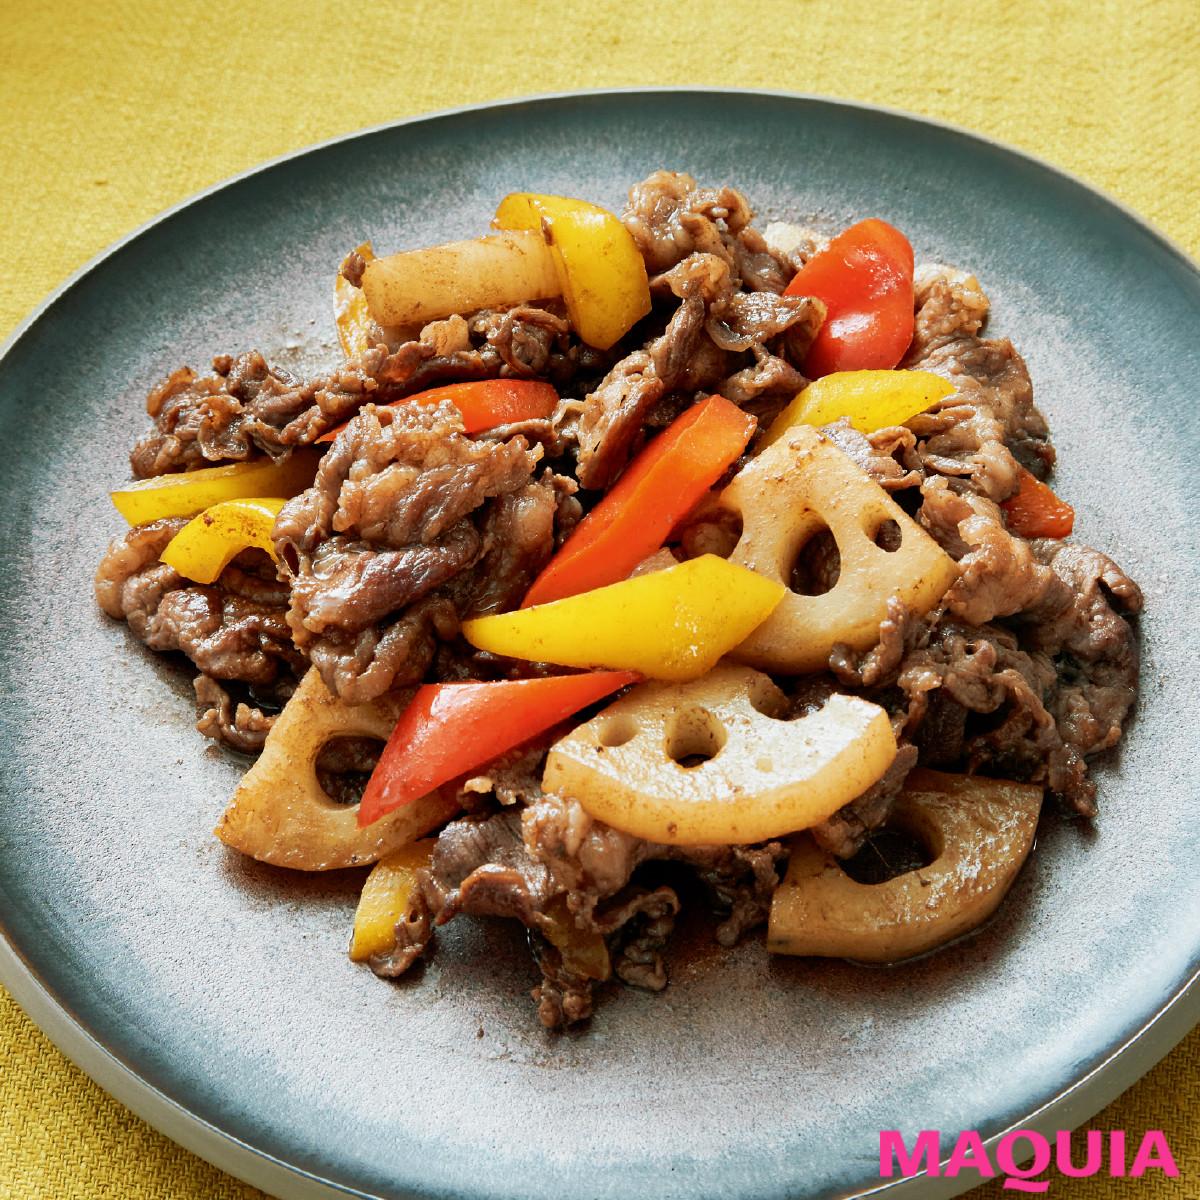 【貧血予防&デトックスレシピ】疲れのもとにアプローチする食事で若々しさキープ